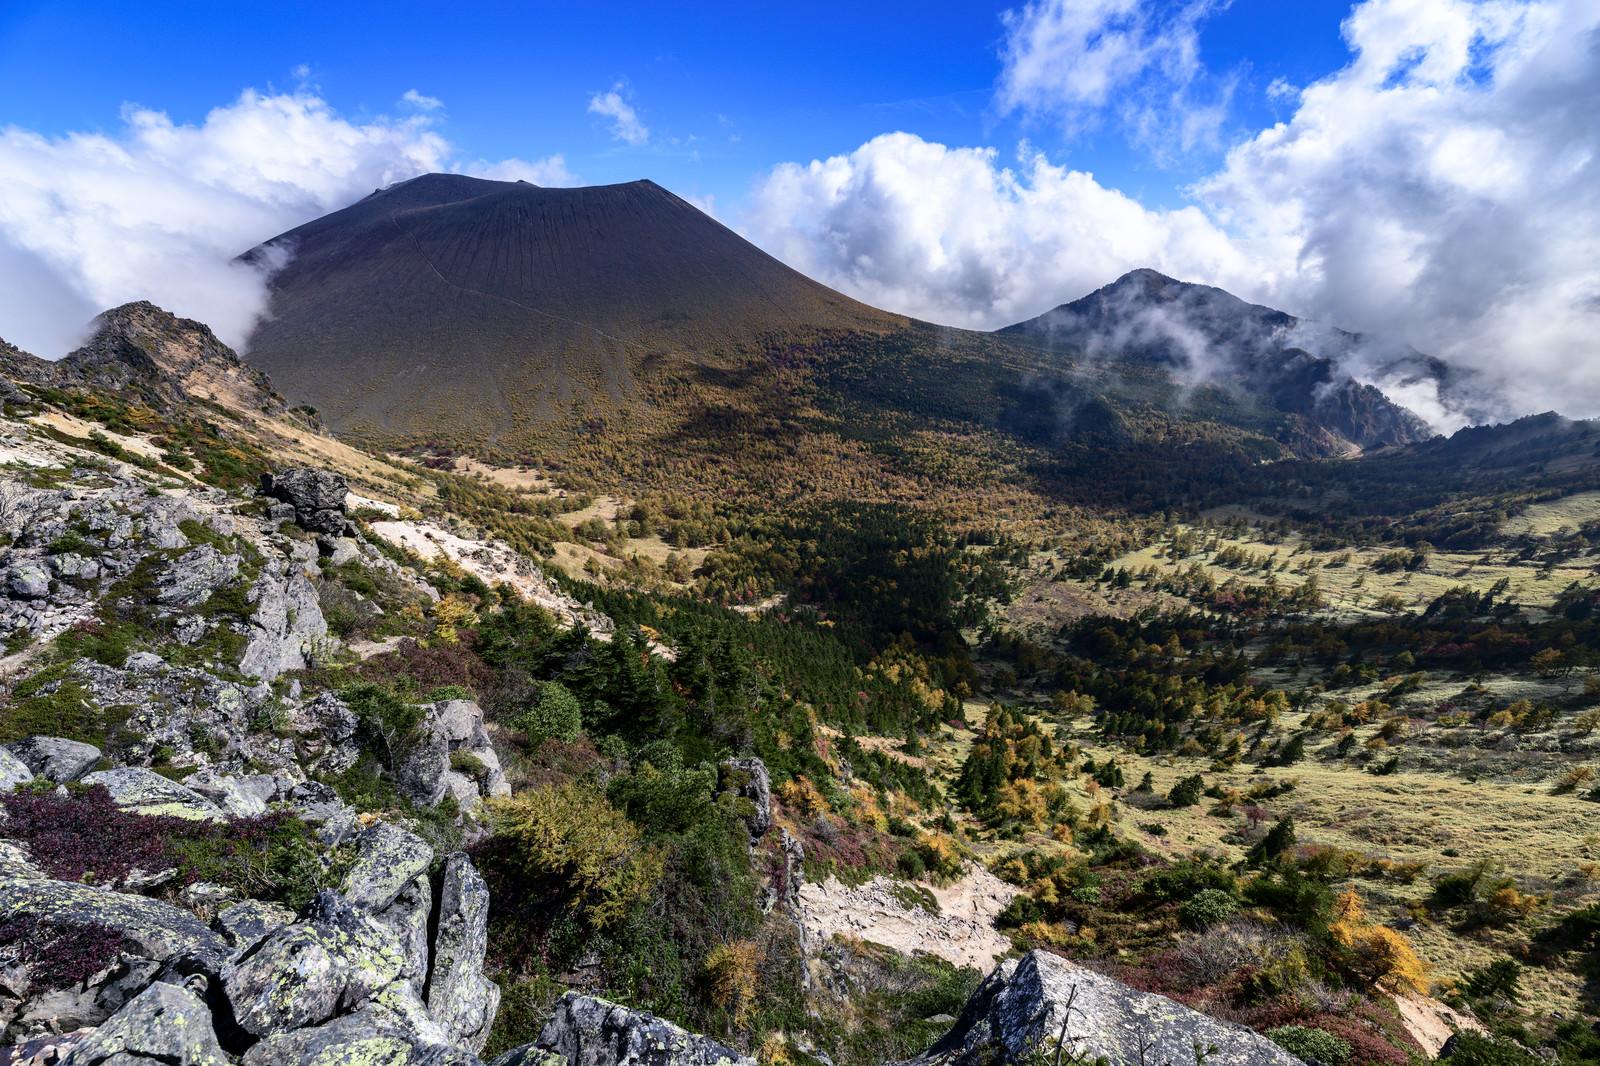 「紅葉の浅間山(あさまやま)」の写真